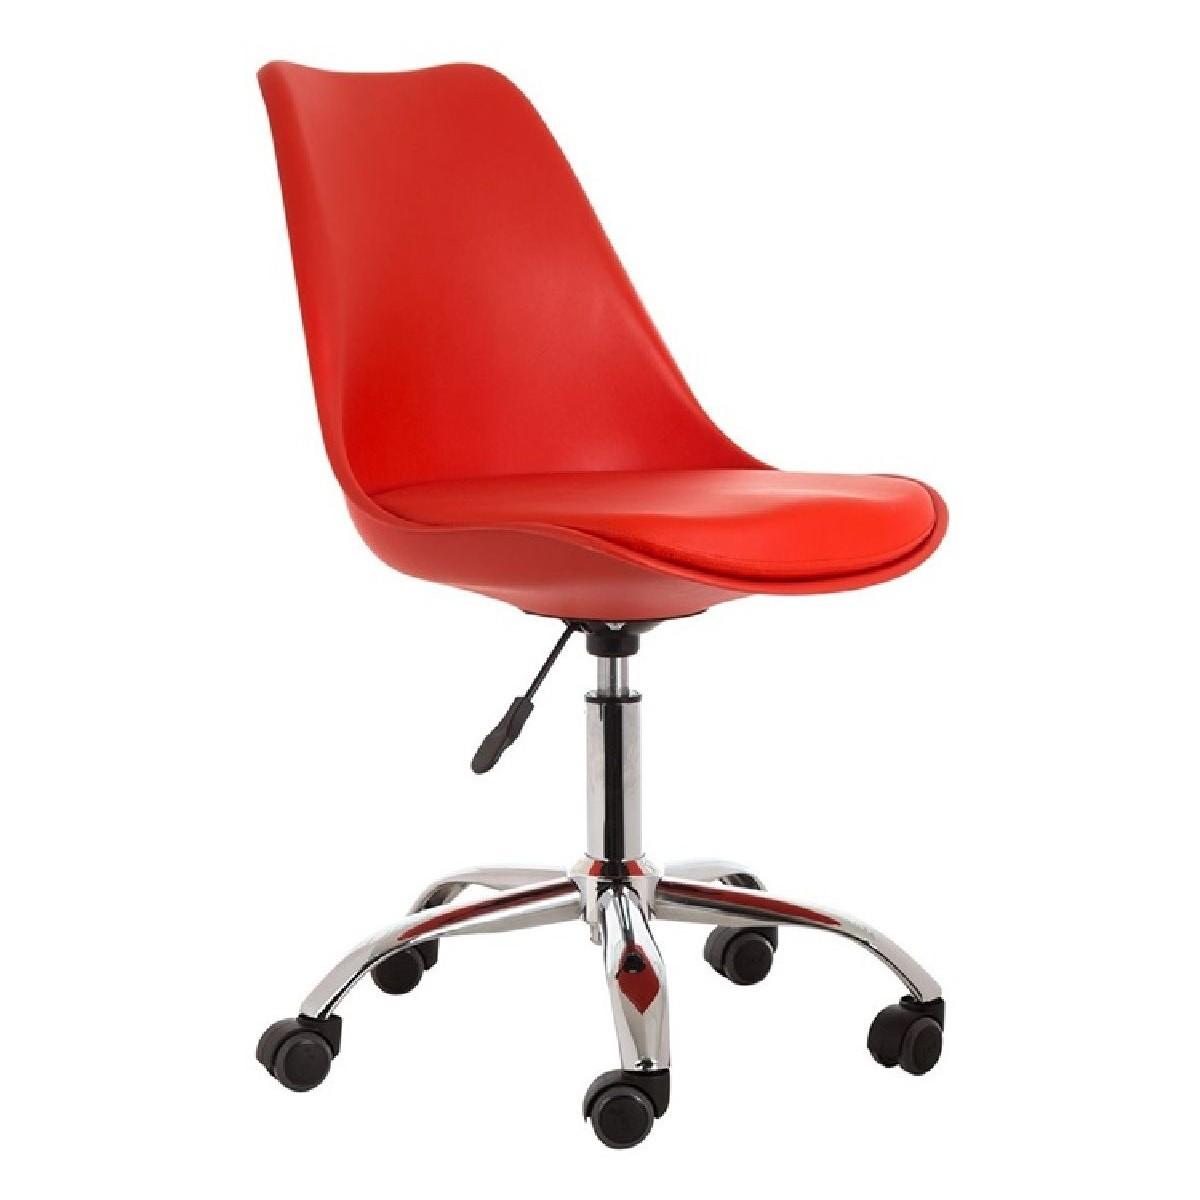 Silla comoda para estudiar interesting silla de for Sillas comodas para pc